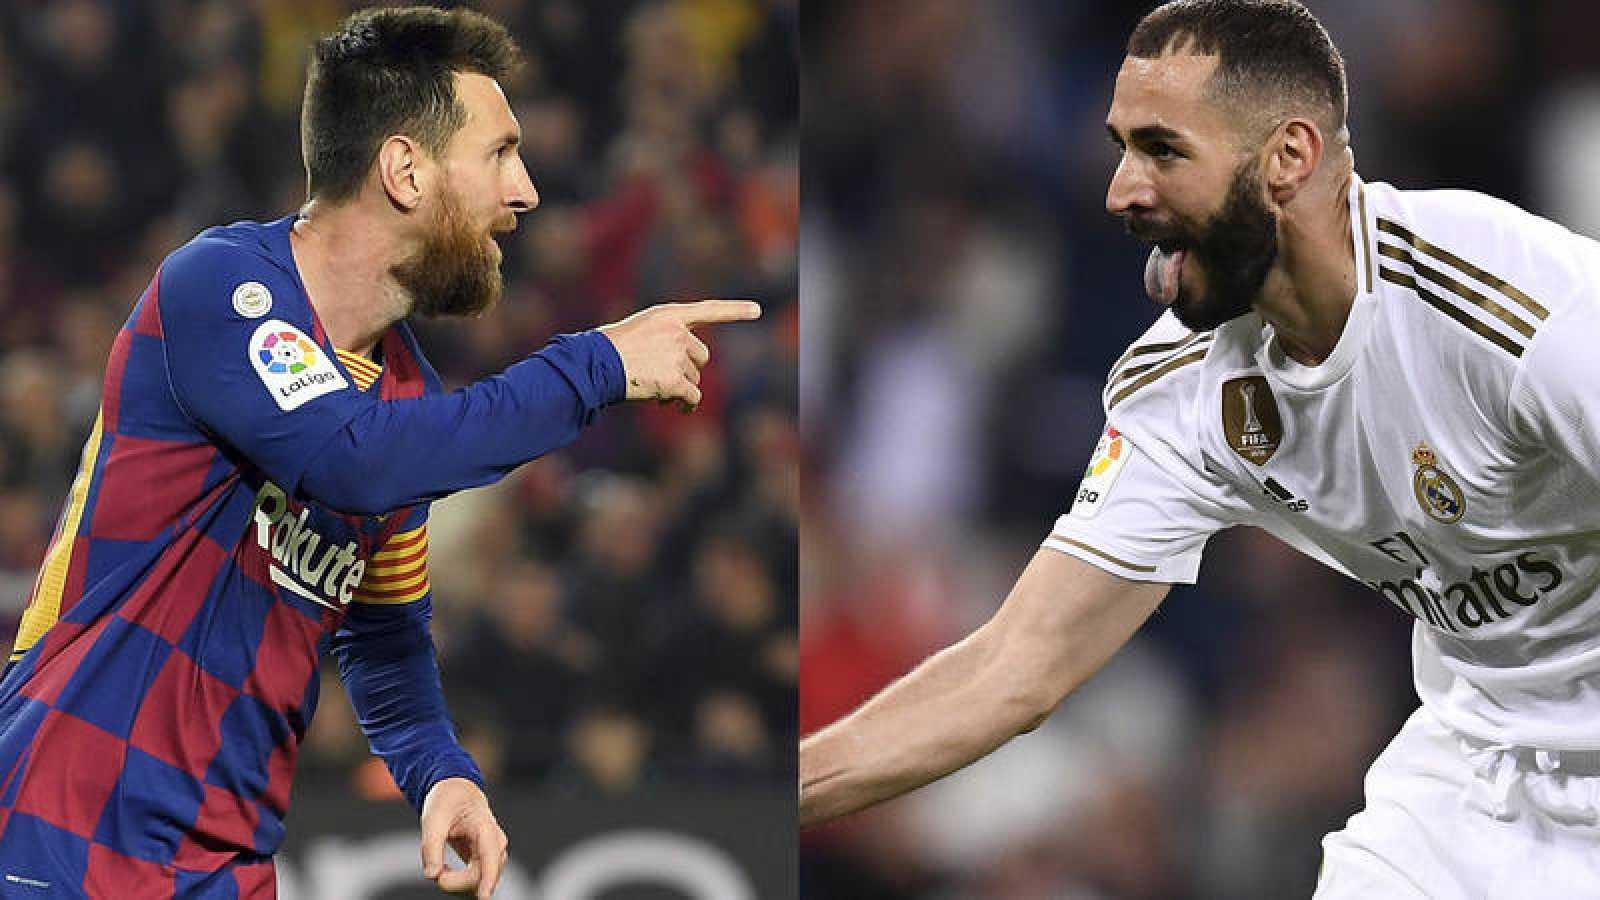 Messy y Benzema, protagonistas de Barça y Madrid en la jornada.